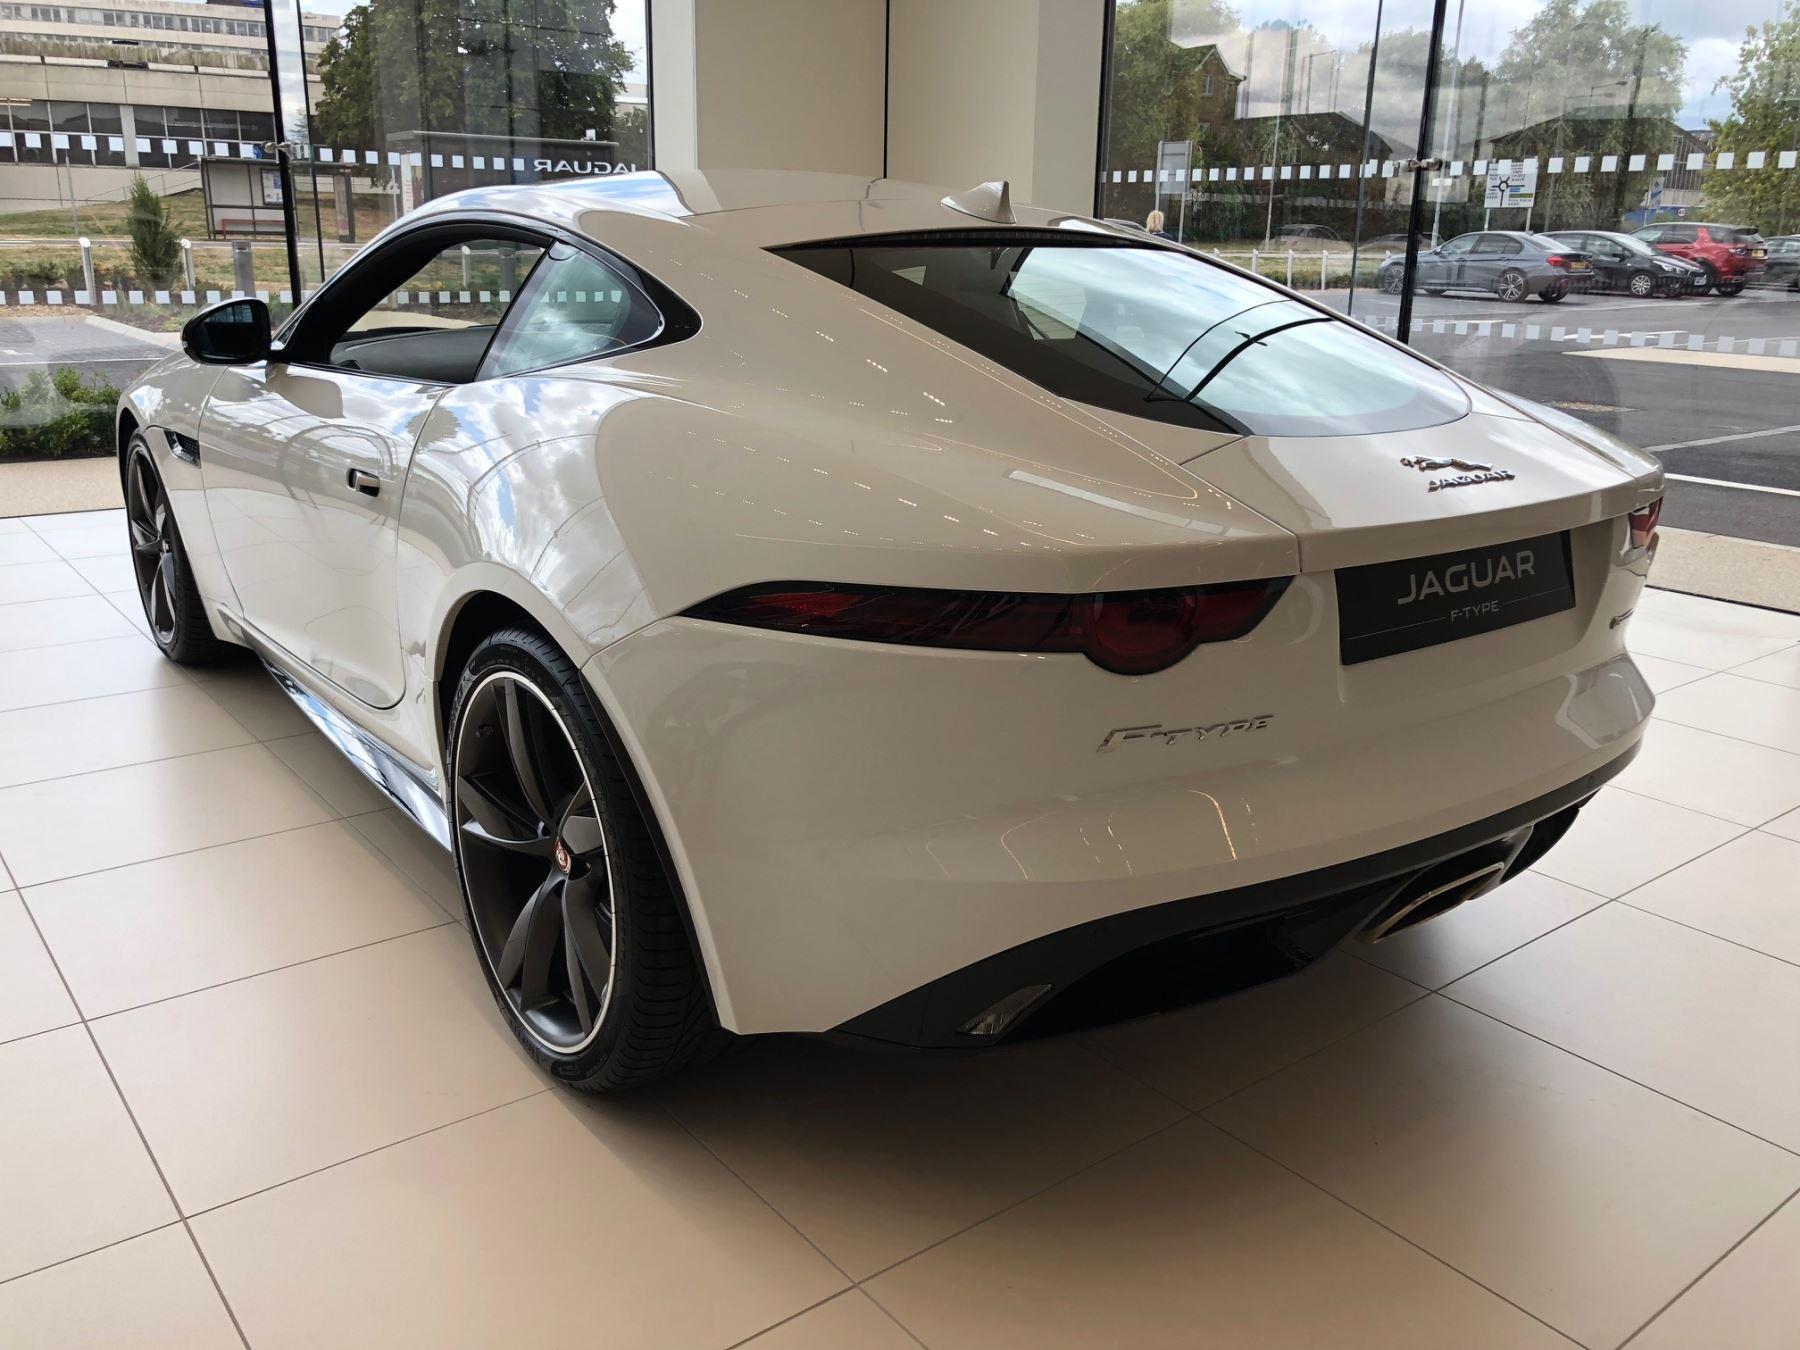 Jaguar F-TYPE 3.0 Supercharged V6 R-Dynamic image 7